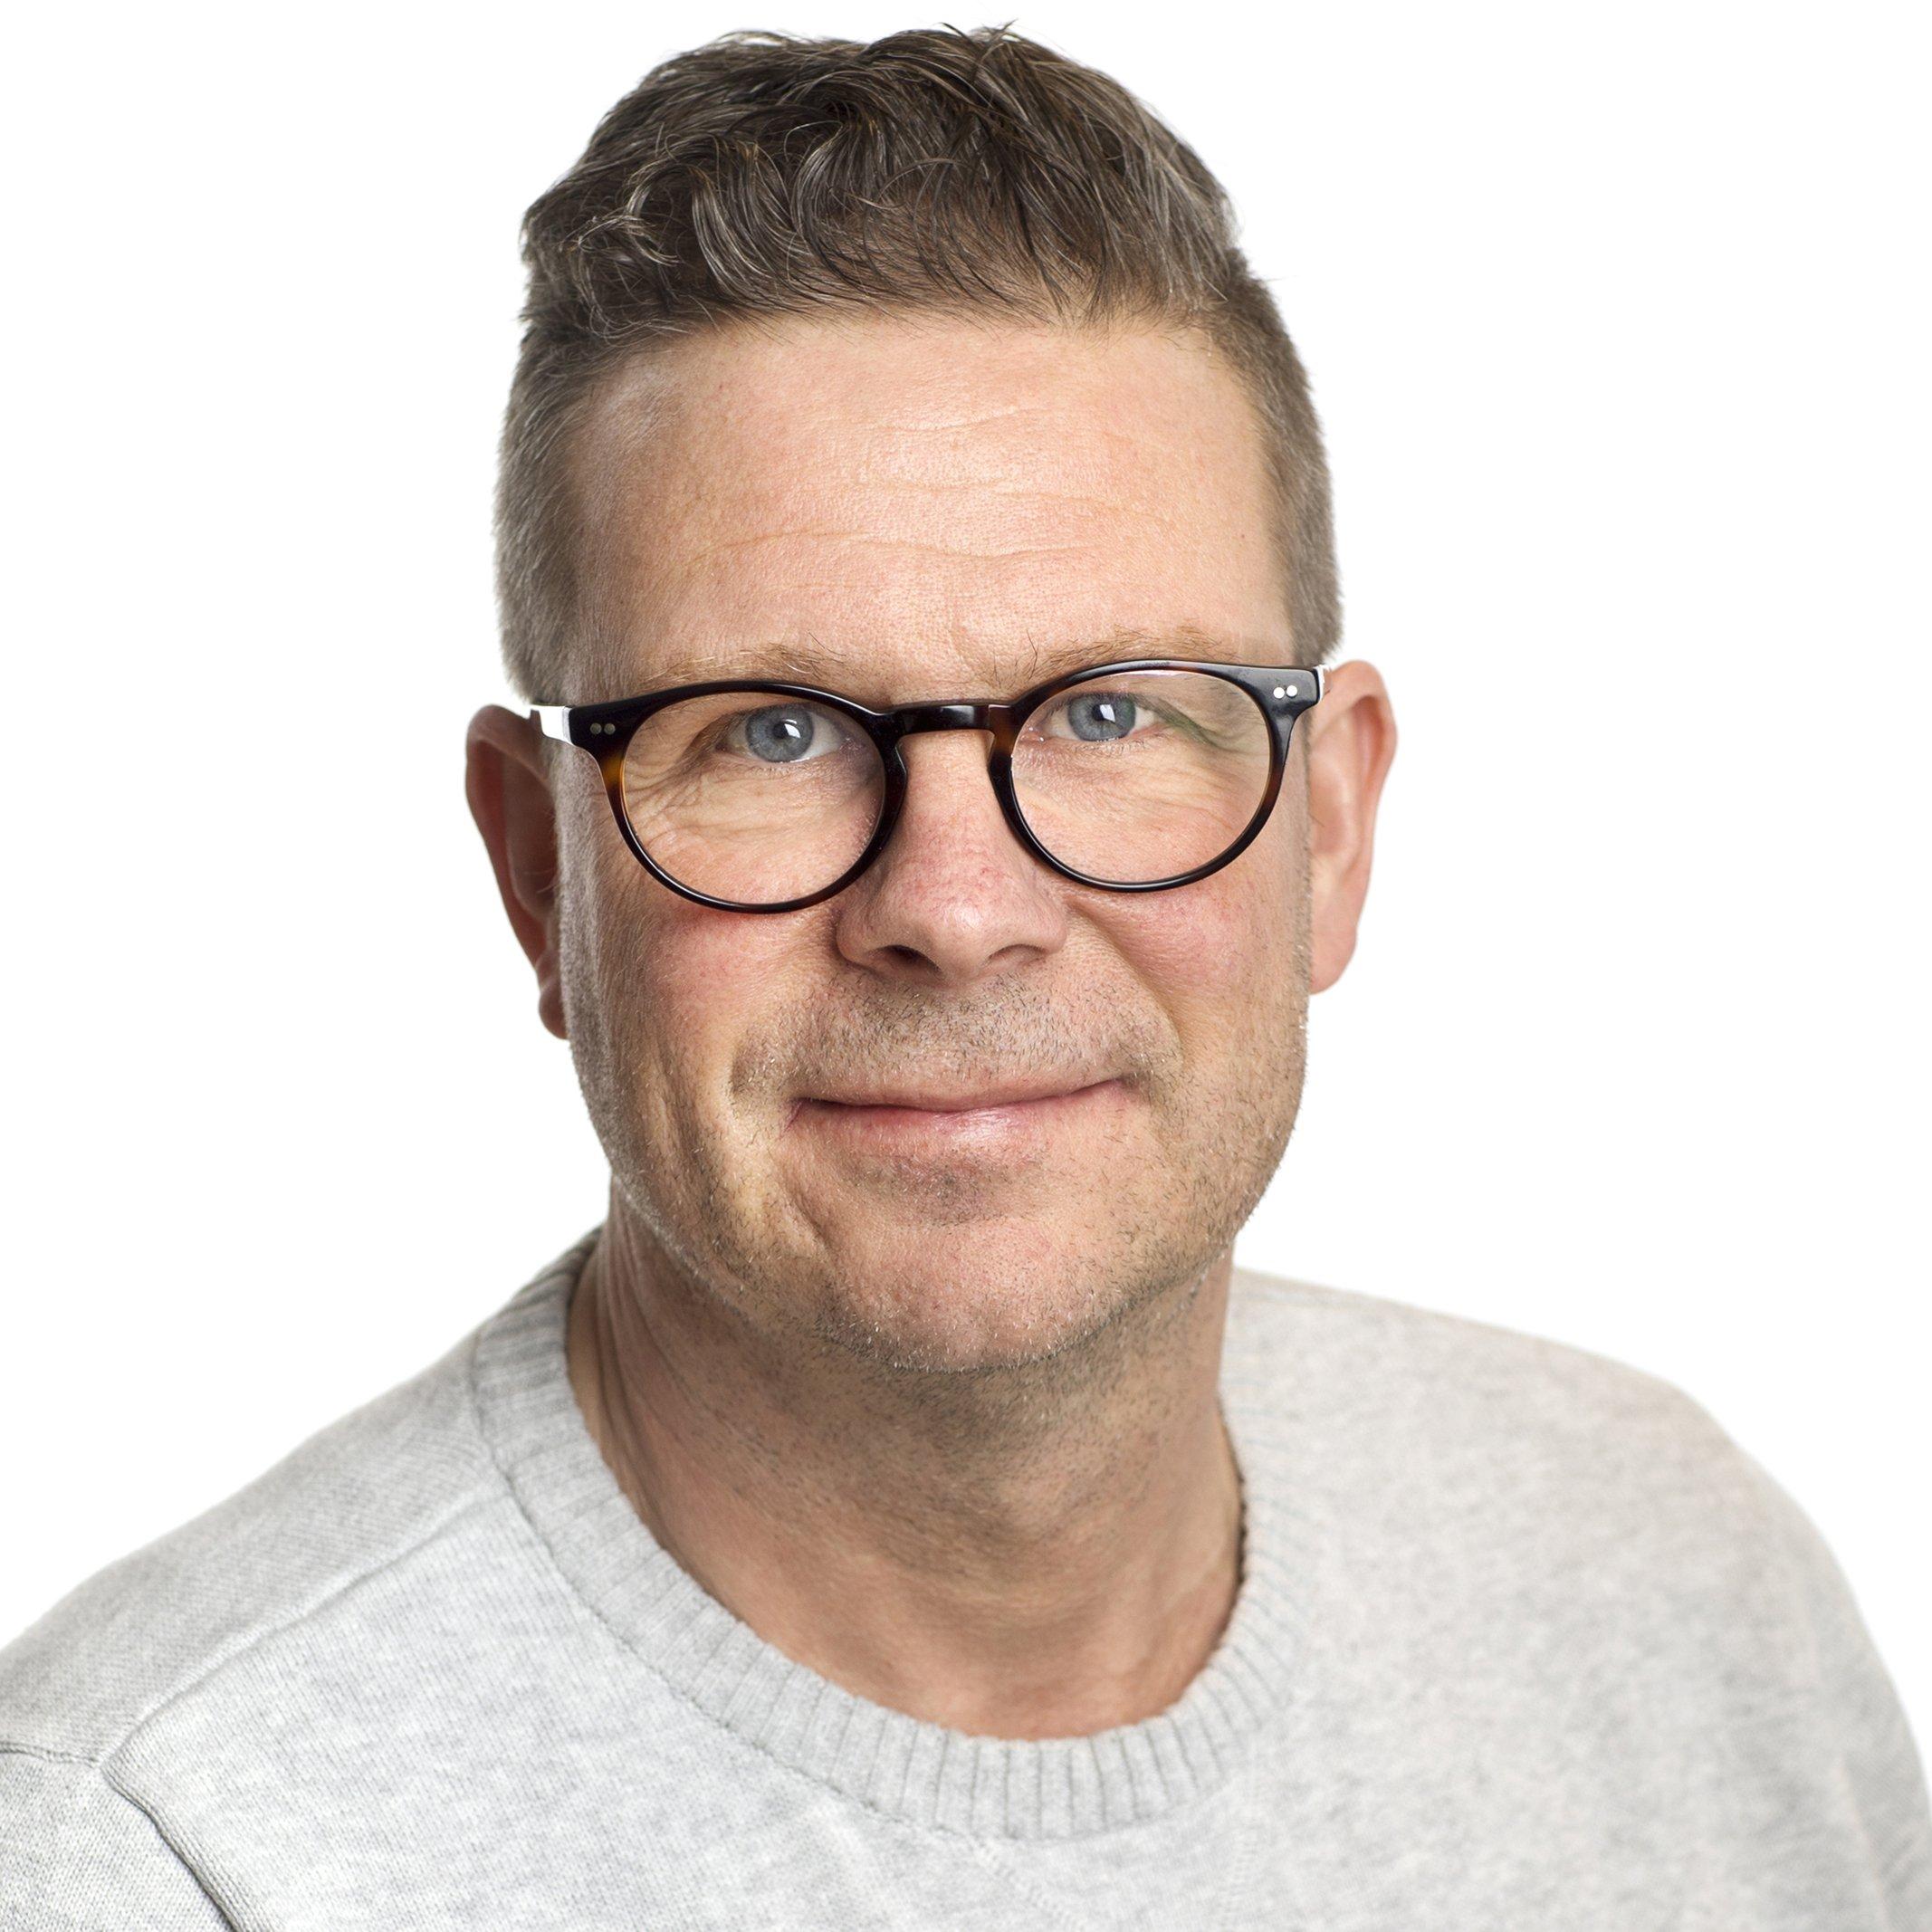 Fredrik Staaf